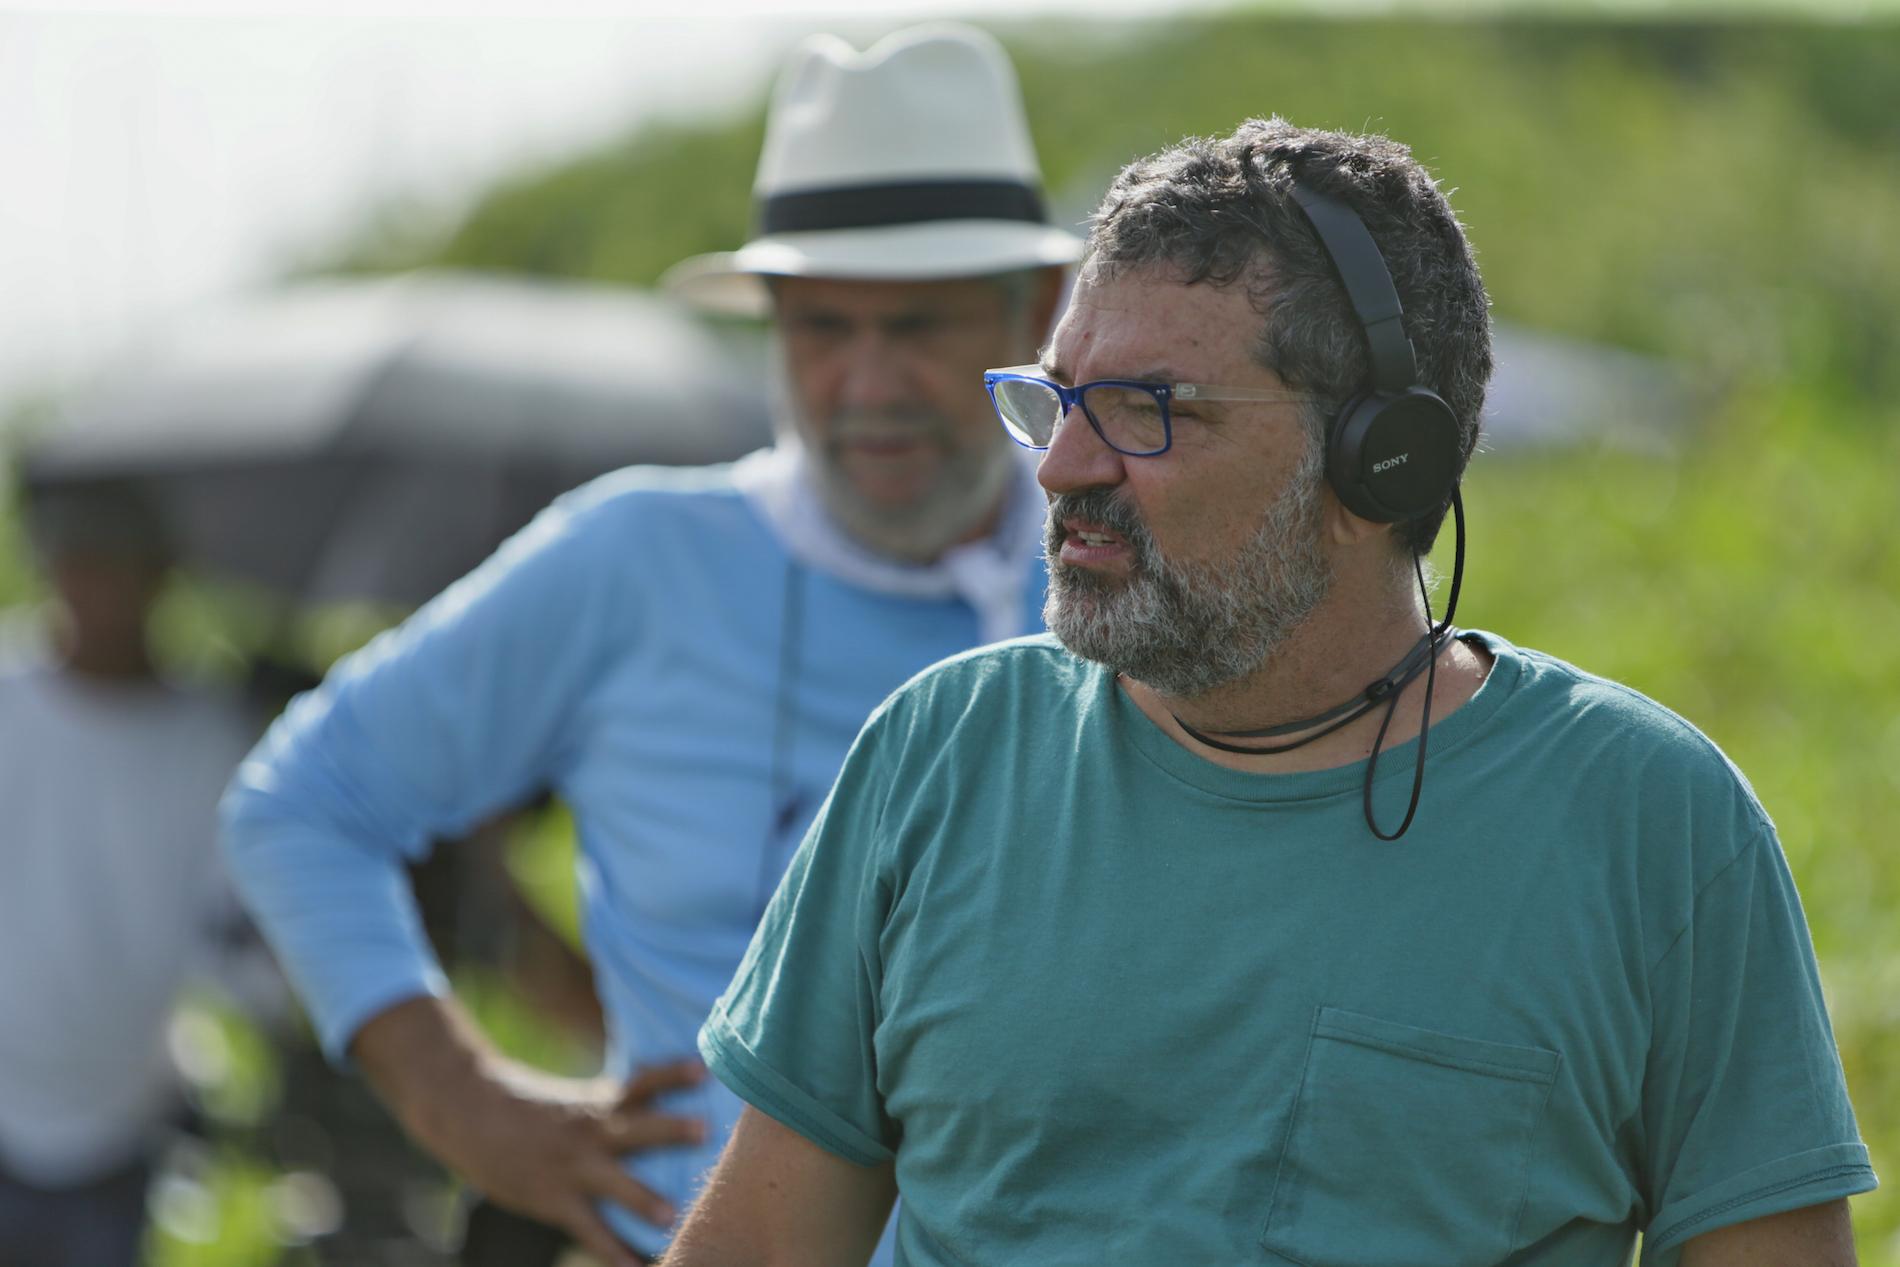 El director Félix Germán, en primer plano, junto al director de fotografía Peyi Guzmán.